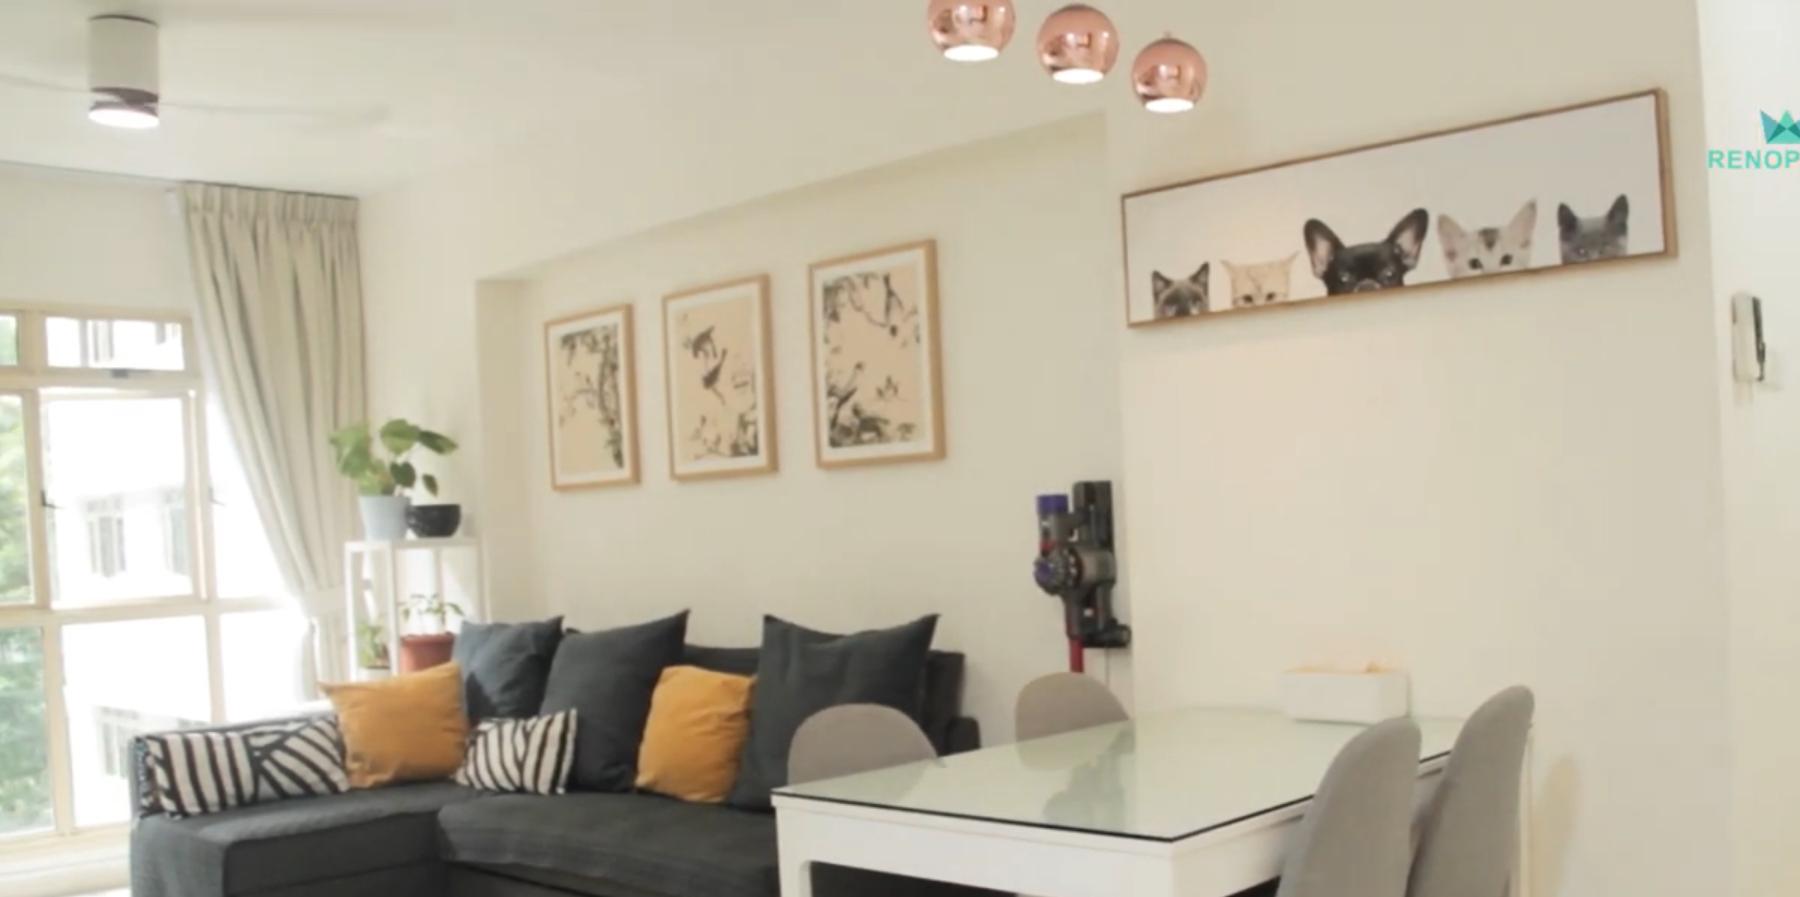 Interior Design Singapore | A homely design by Hepta Design